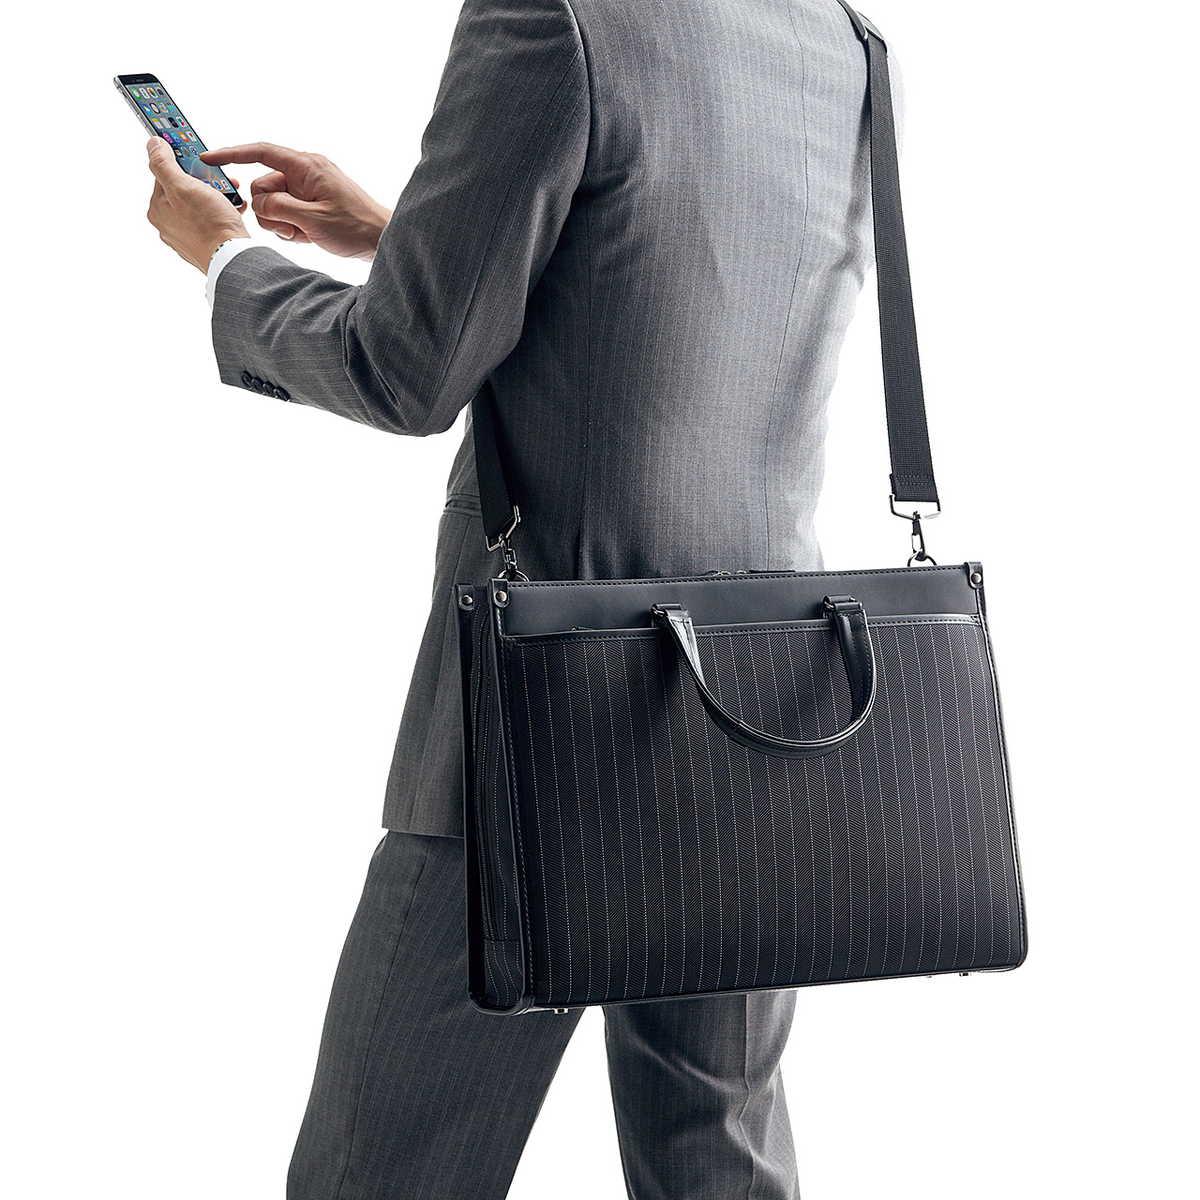 【送料無料】2WAYビジネスバッグ 軽量 スリムなのに大容量 手提げ・ショルダーの2WAY 15.6インチ A4書類収納可 メンズ パソコンバッグ ビジネスバック [200-BAG067]【サンワダイレクト限定品】 -